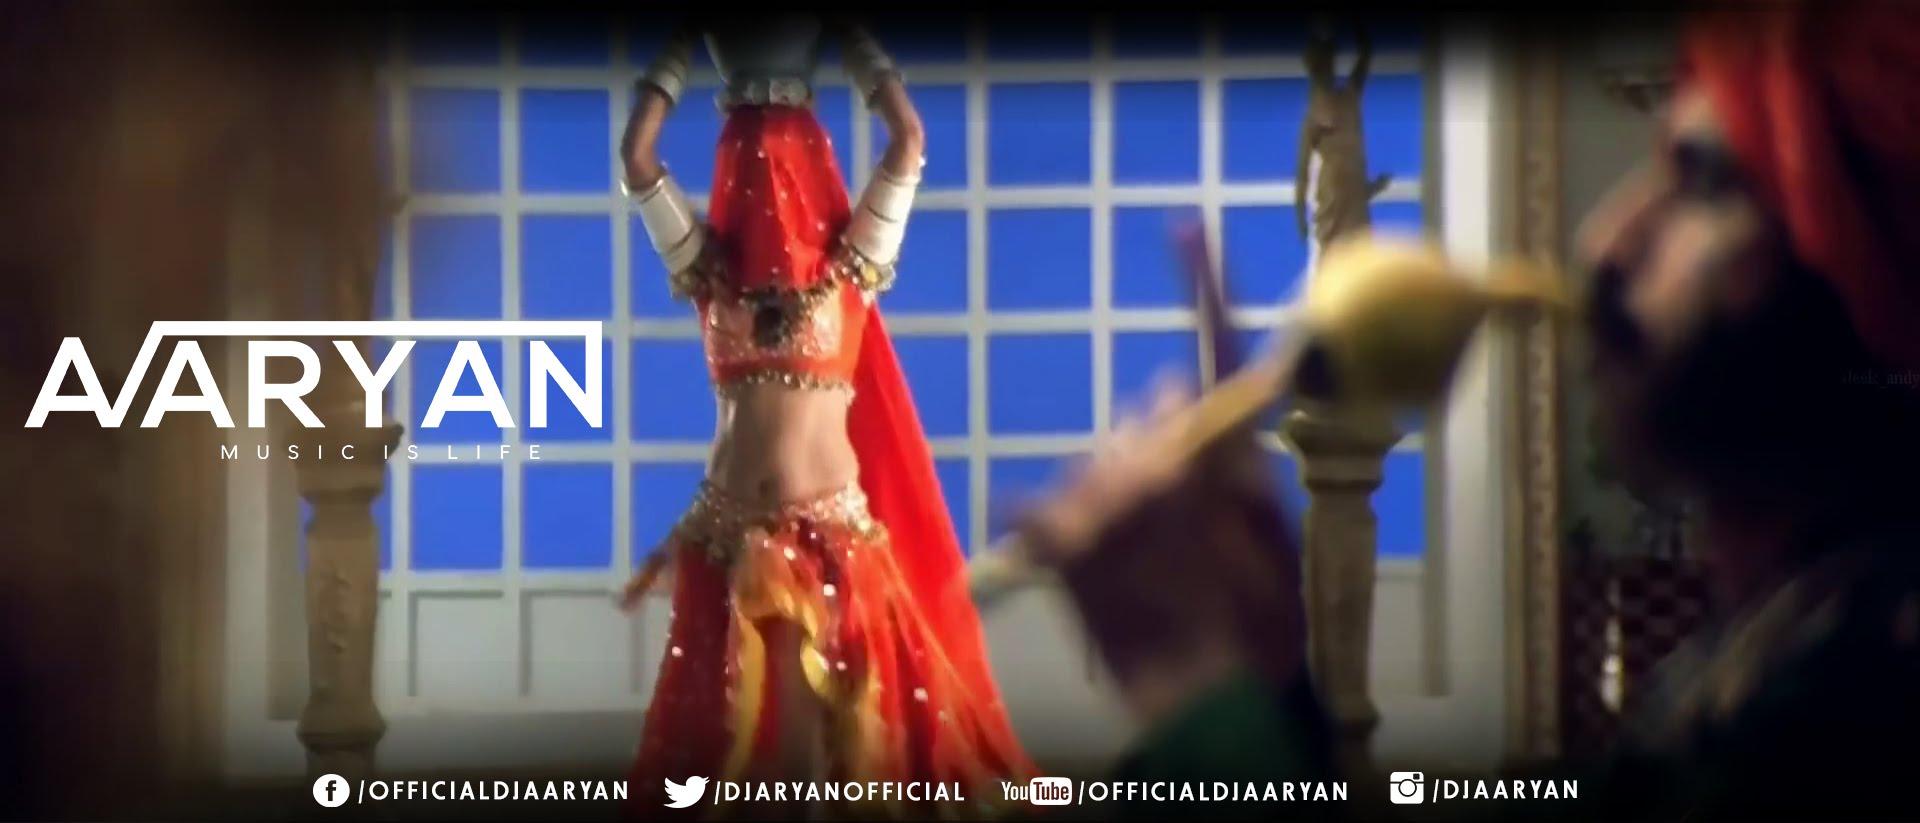 Dj Aaryan & Dj Angel - Choli Ke Peeche | Remix | Trap Специально для Kirenga-smi